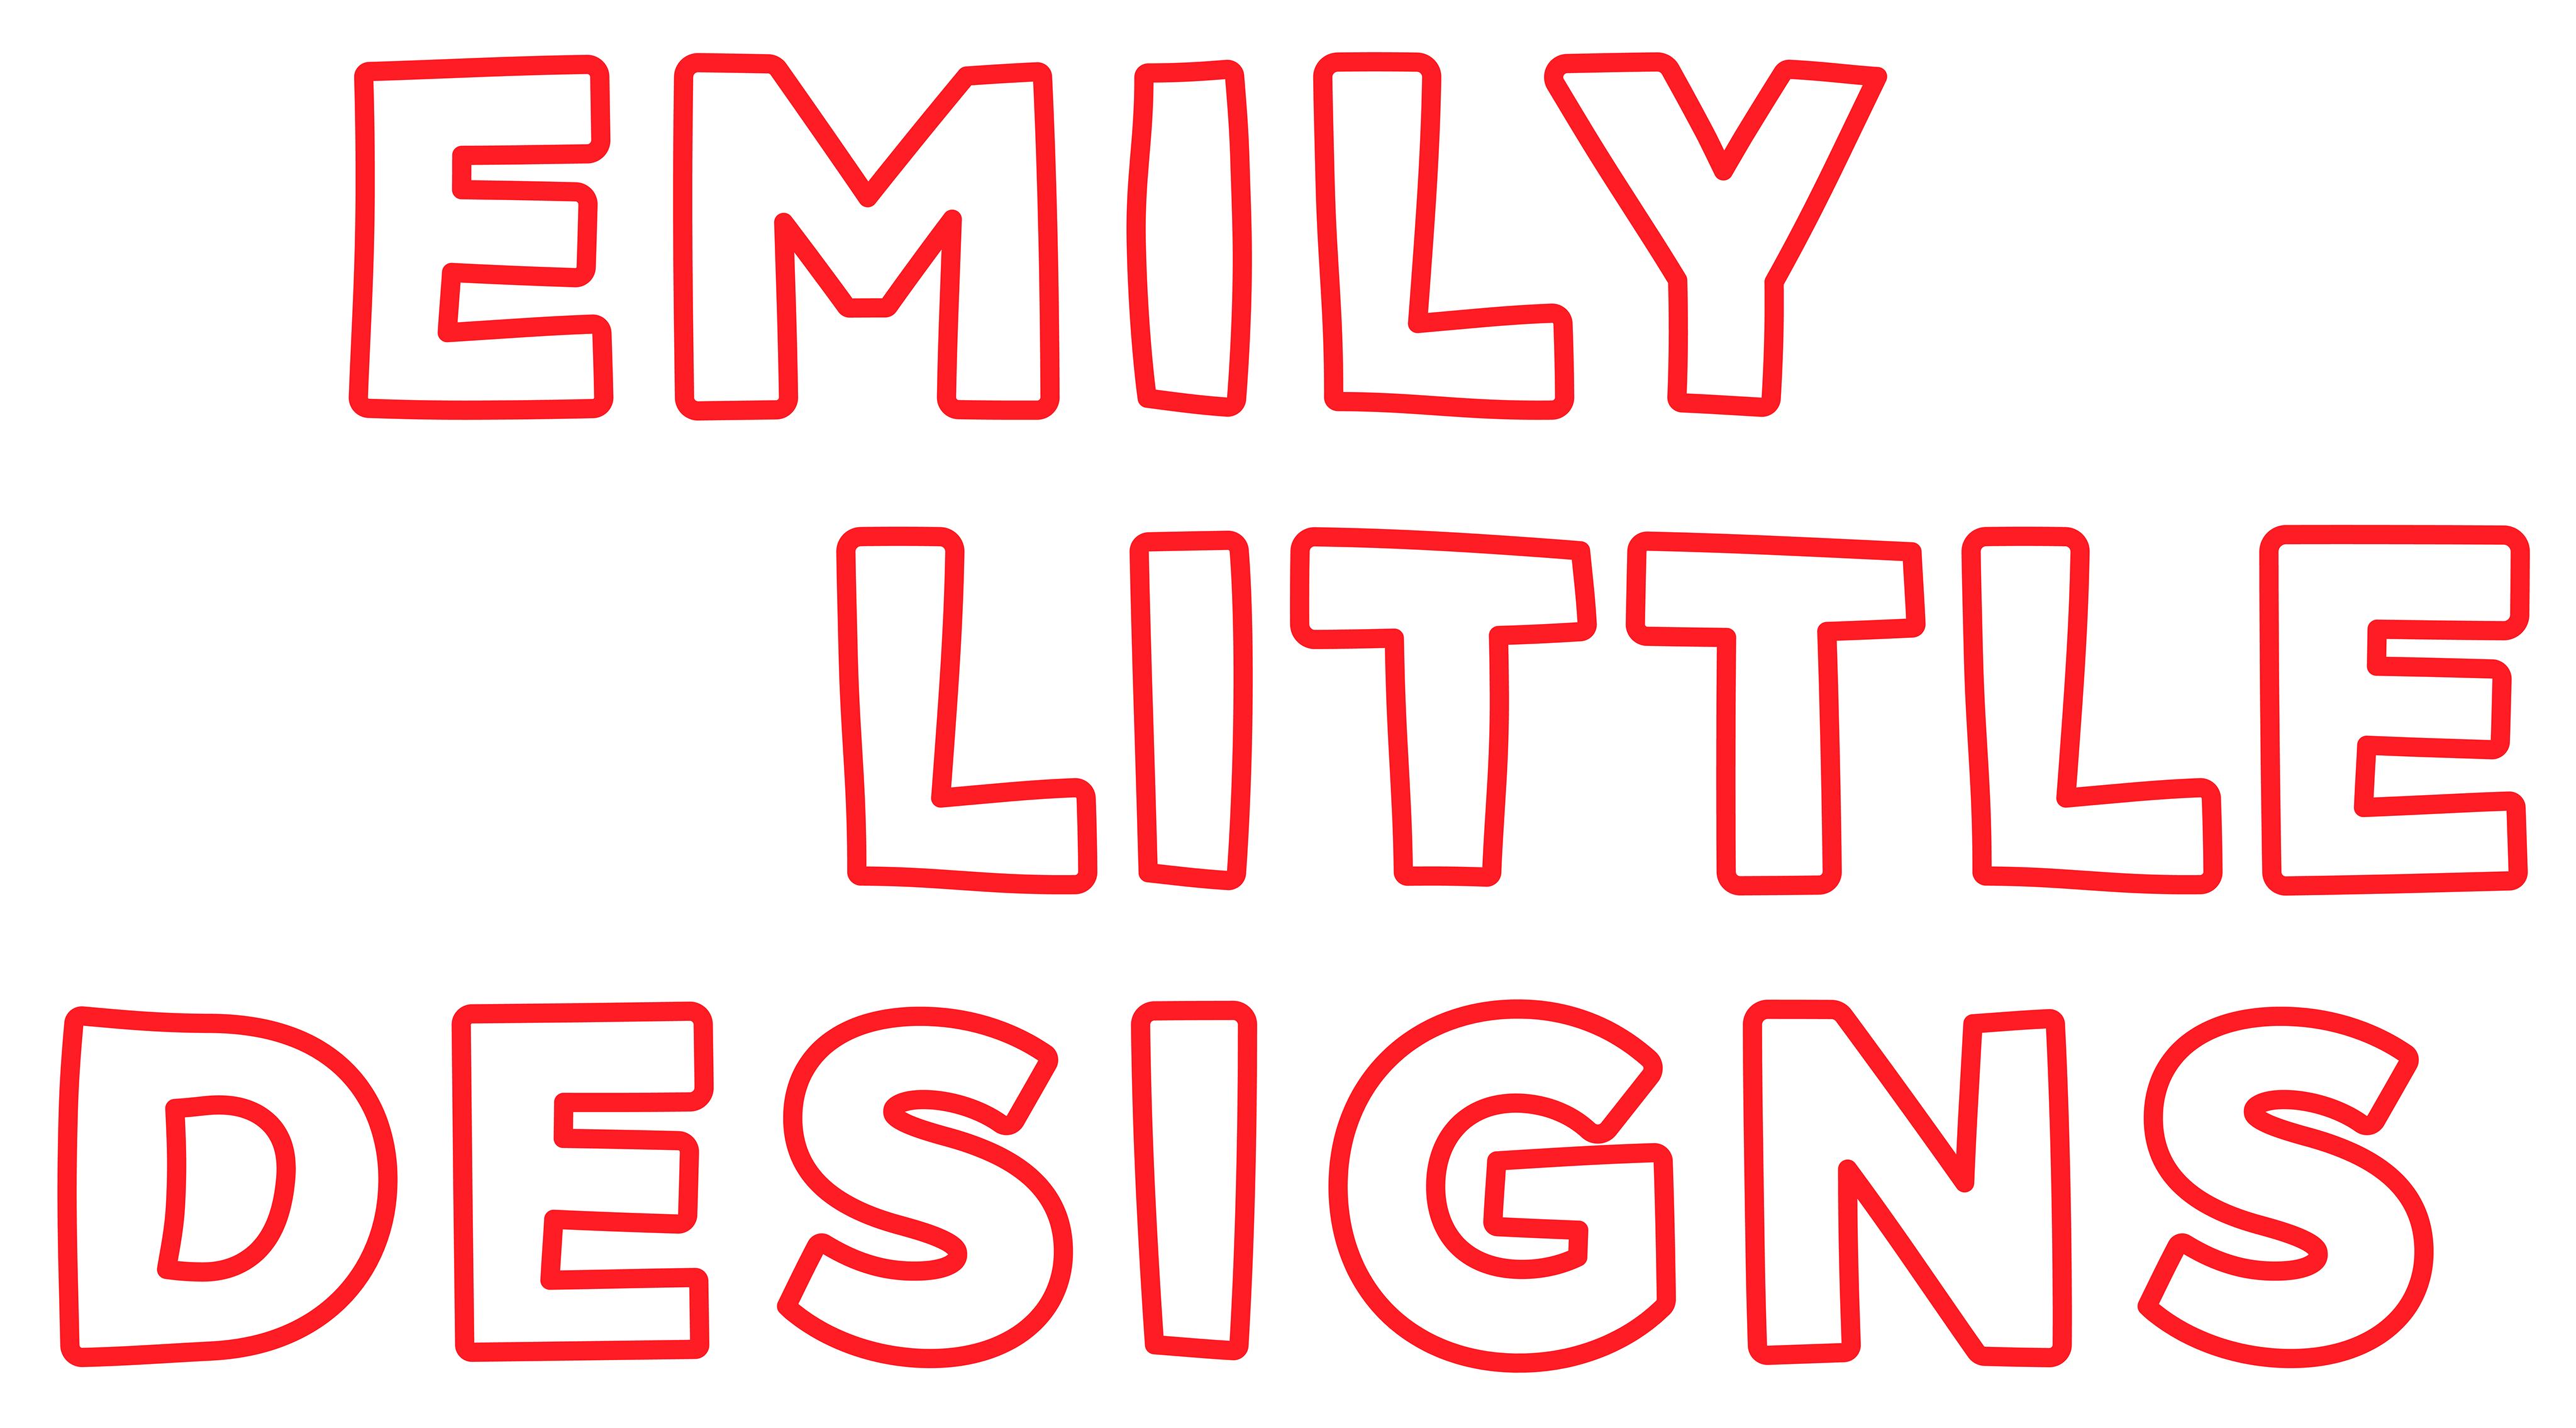 Emily Little